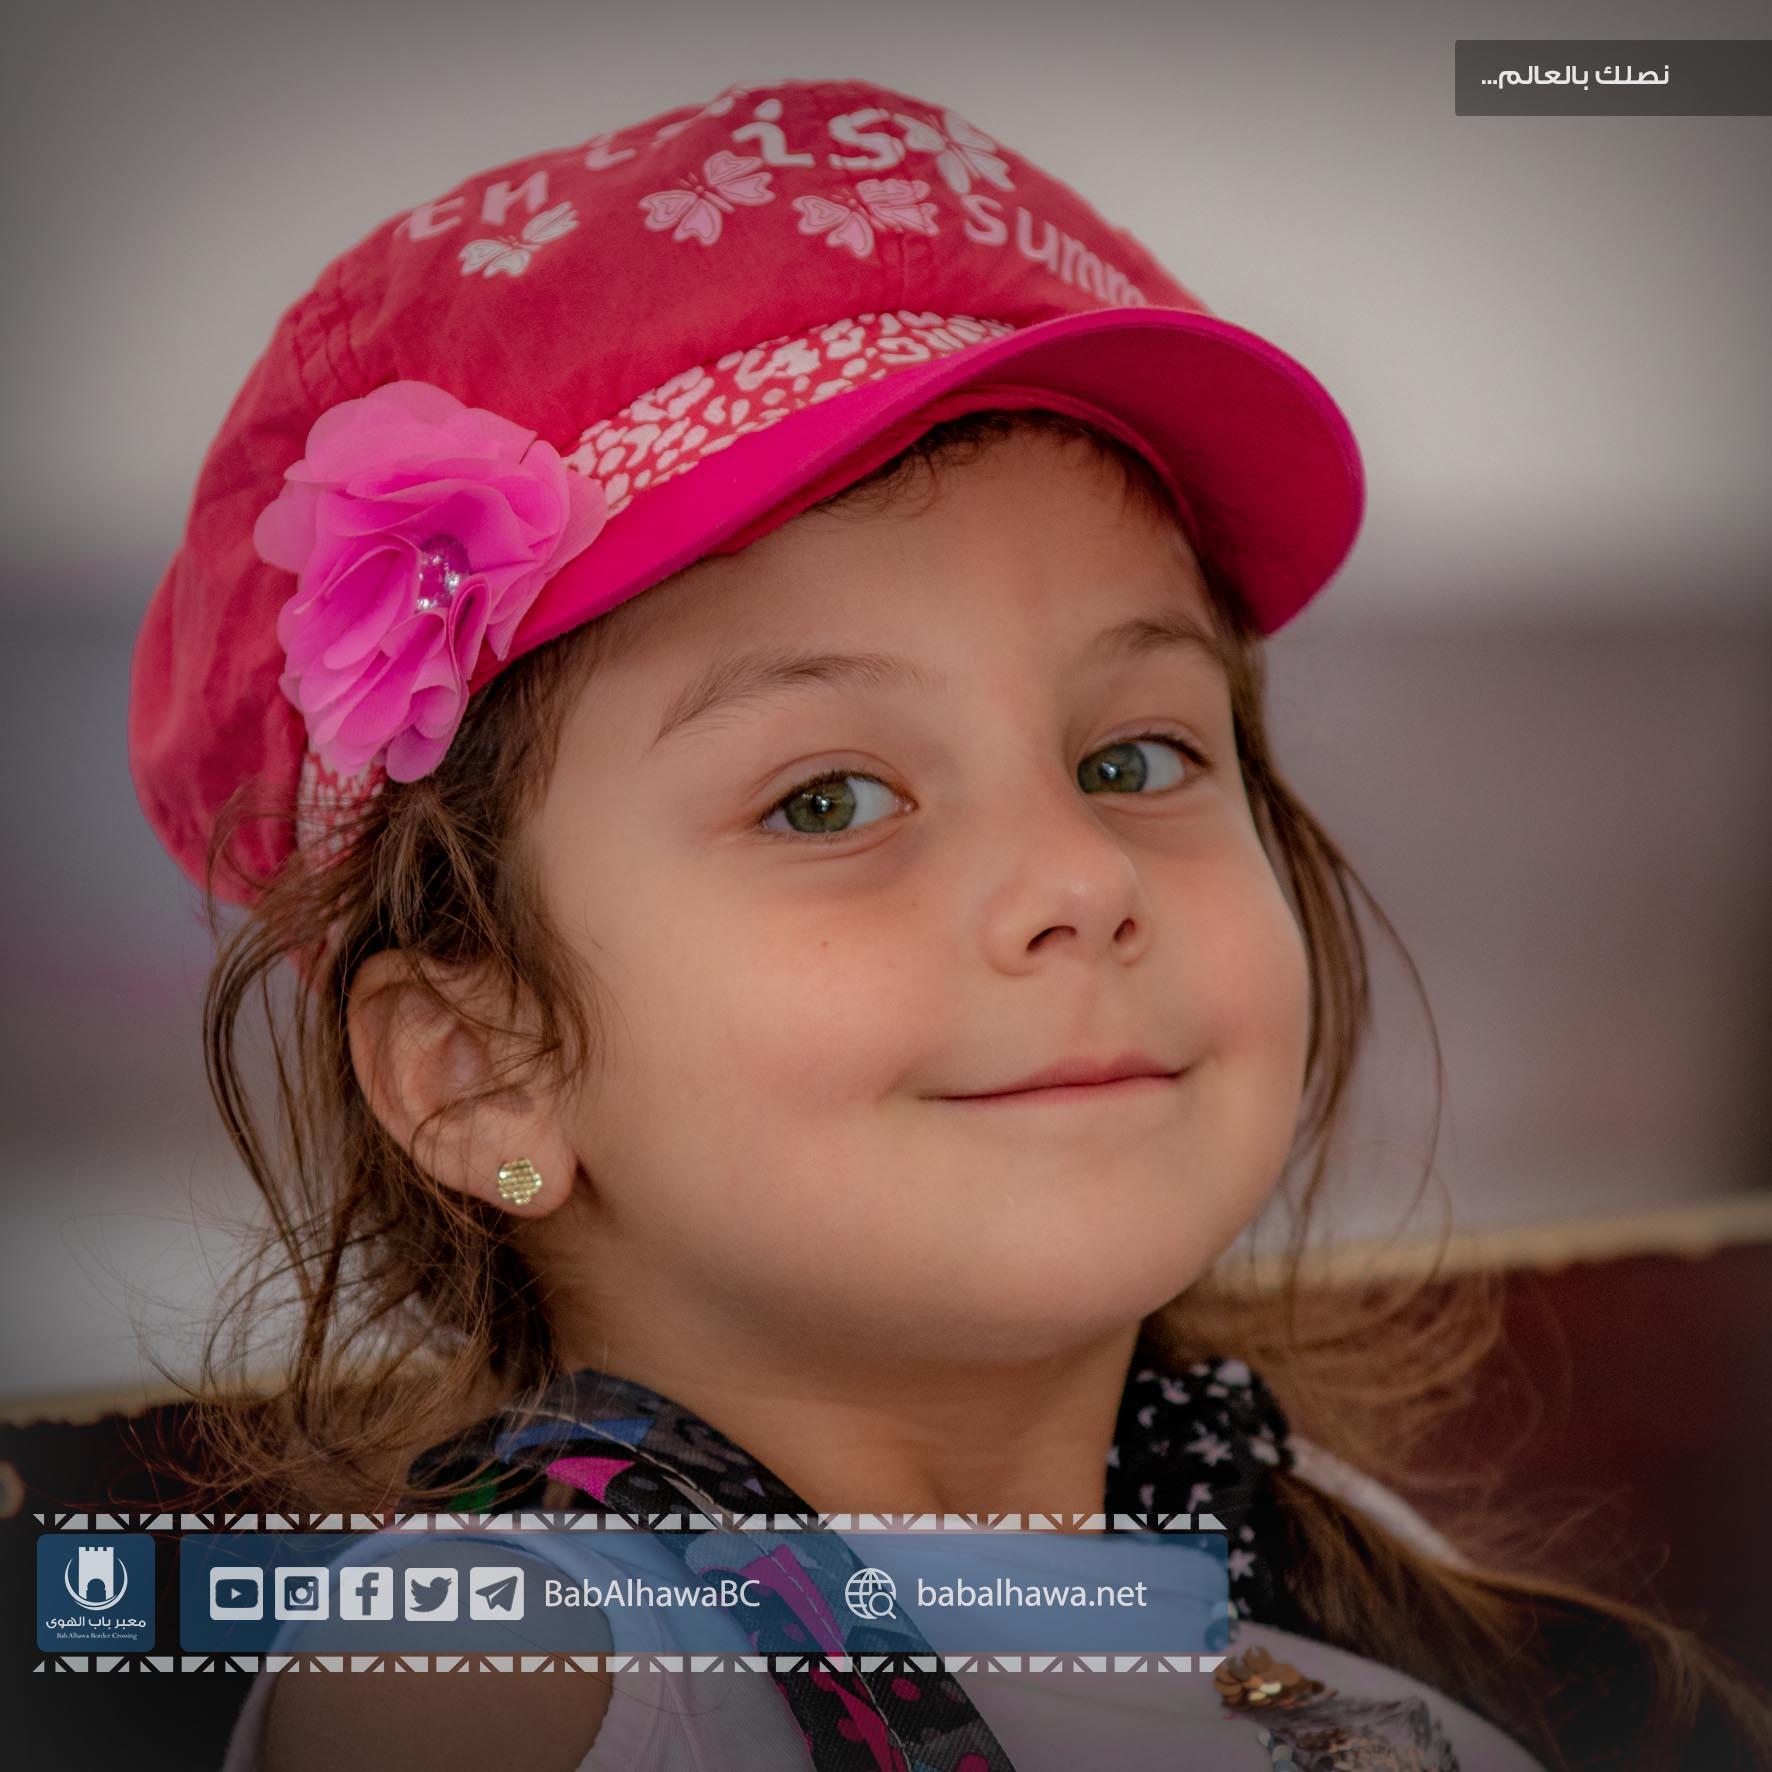 صورة قريبة لطفلة مسافرة في معبر باب الهوى الحدودي - سوريا